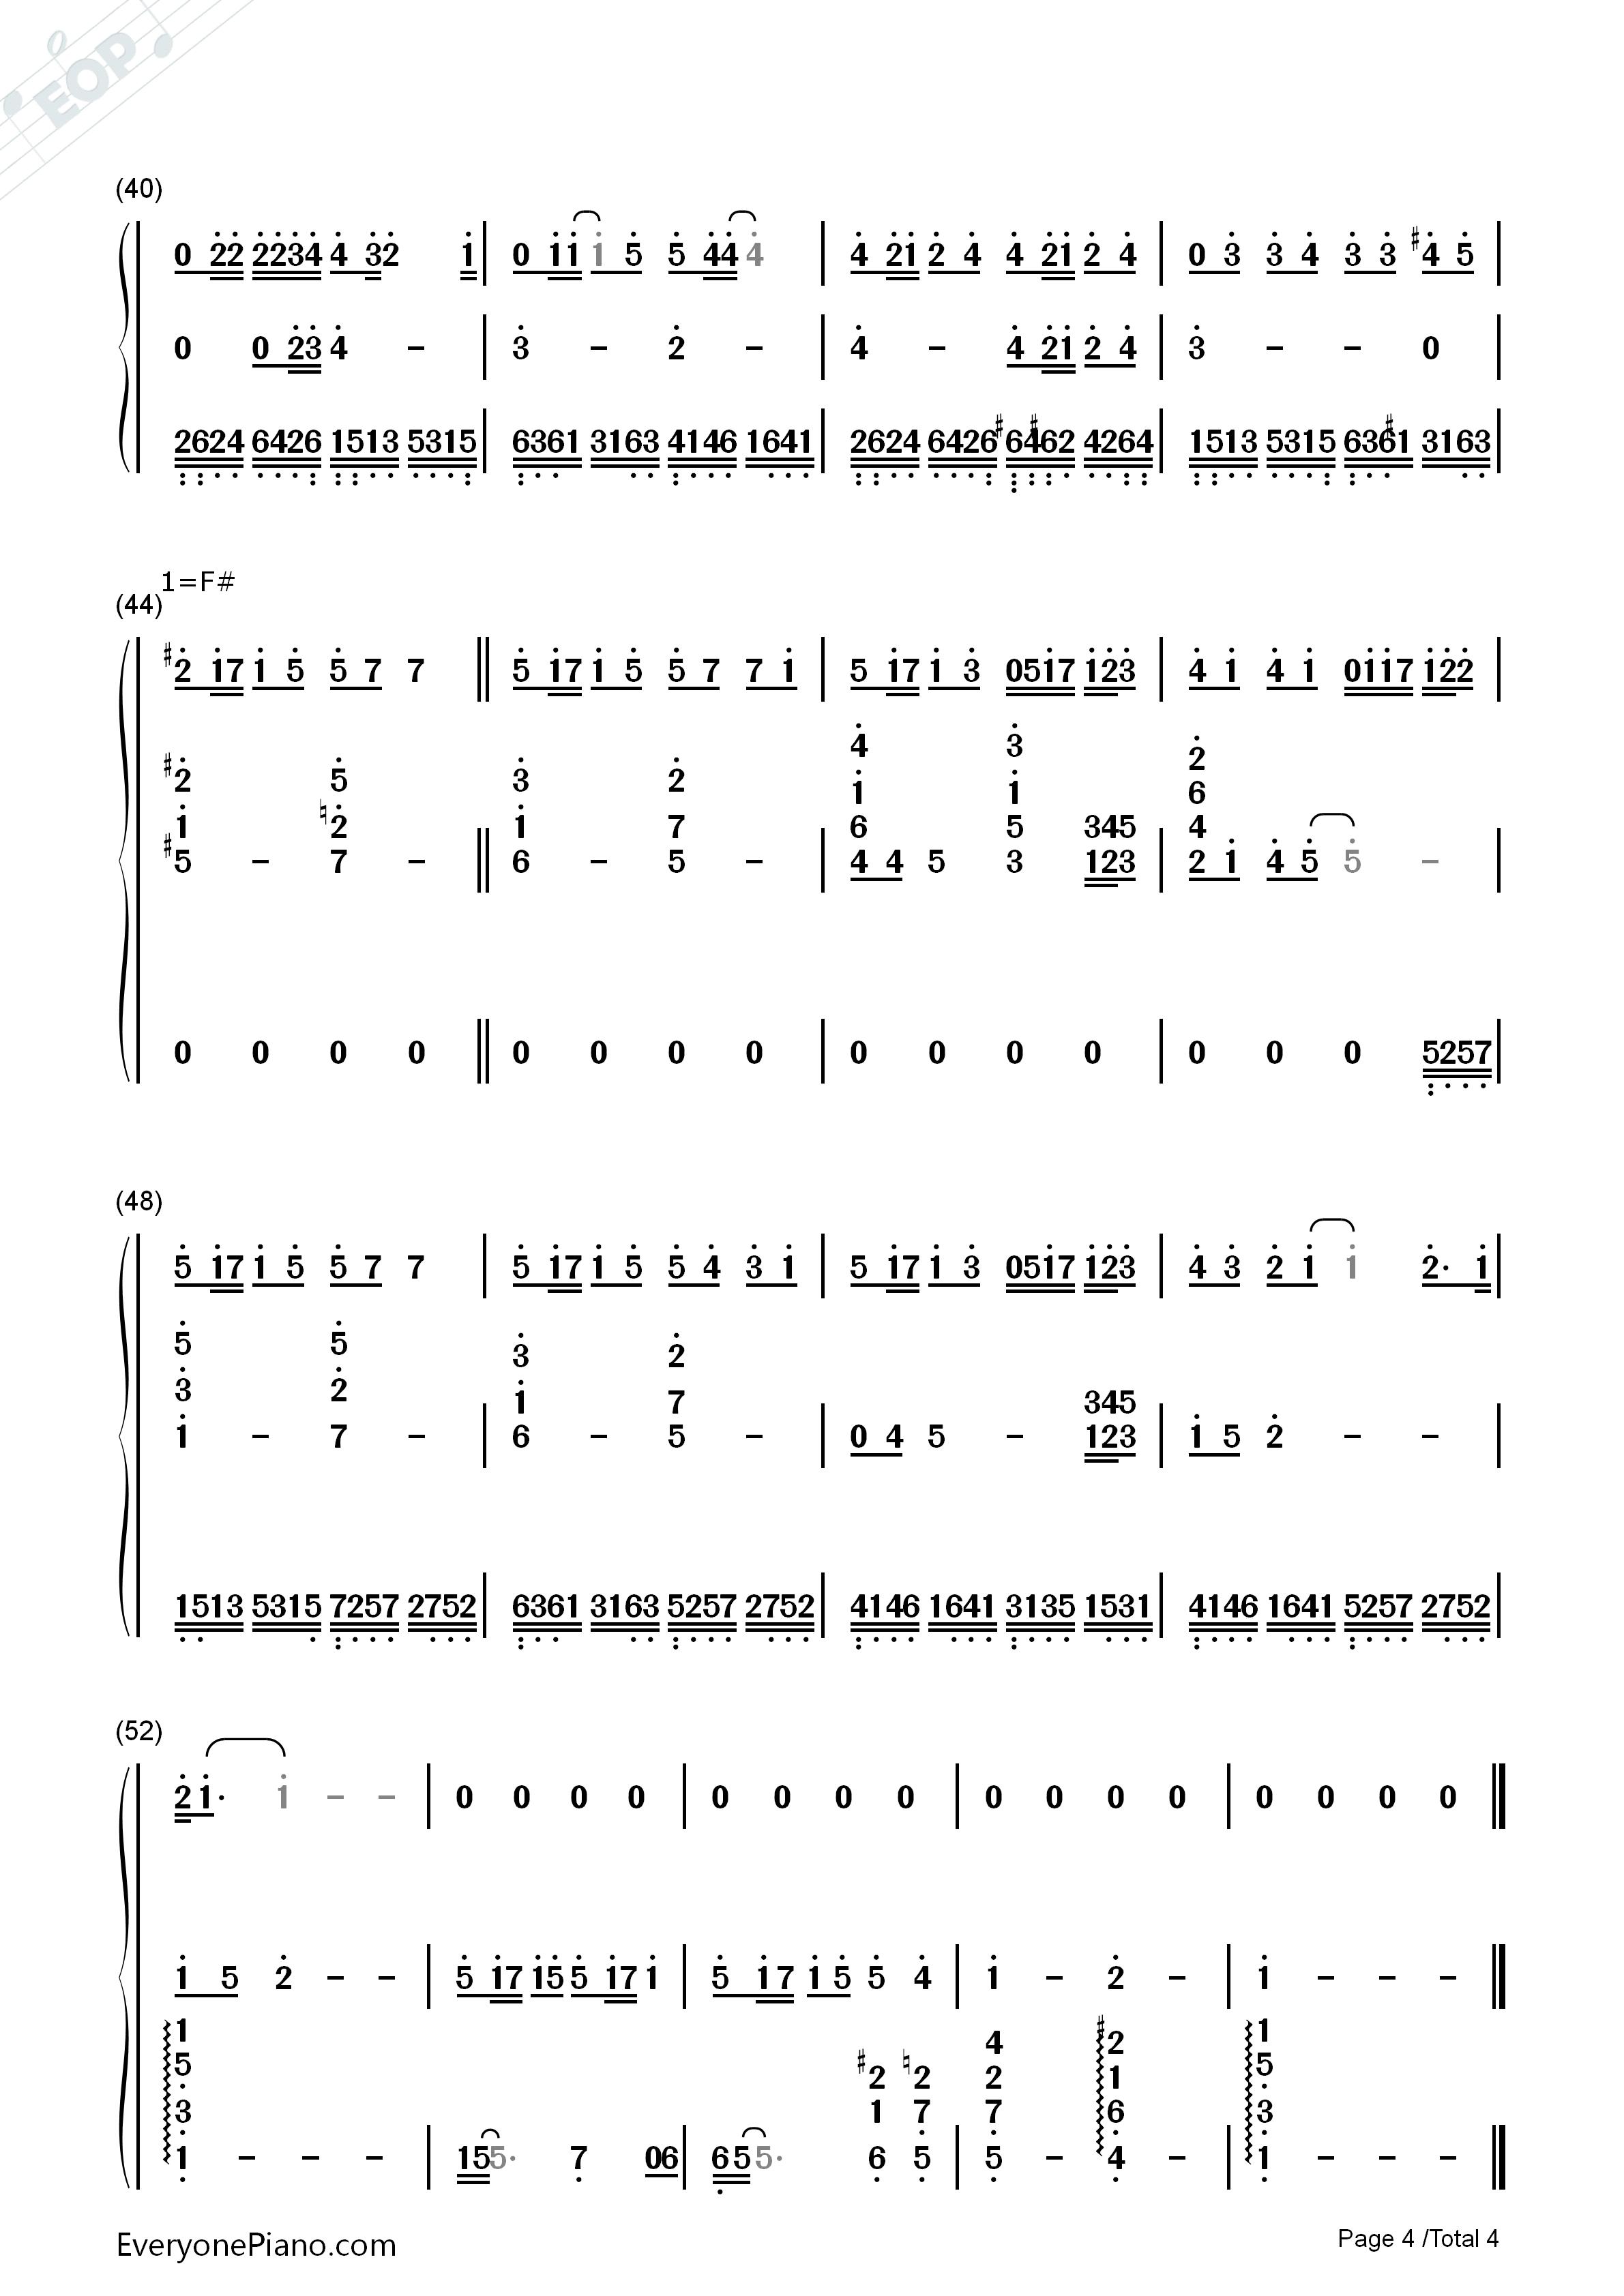 钢琴曲谱 流行 当你-林俊杰 当你-林俊杰双手简谱预览4  }  仅供学习